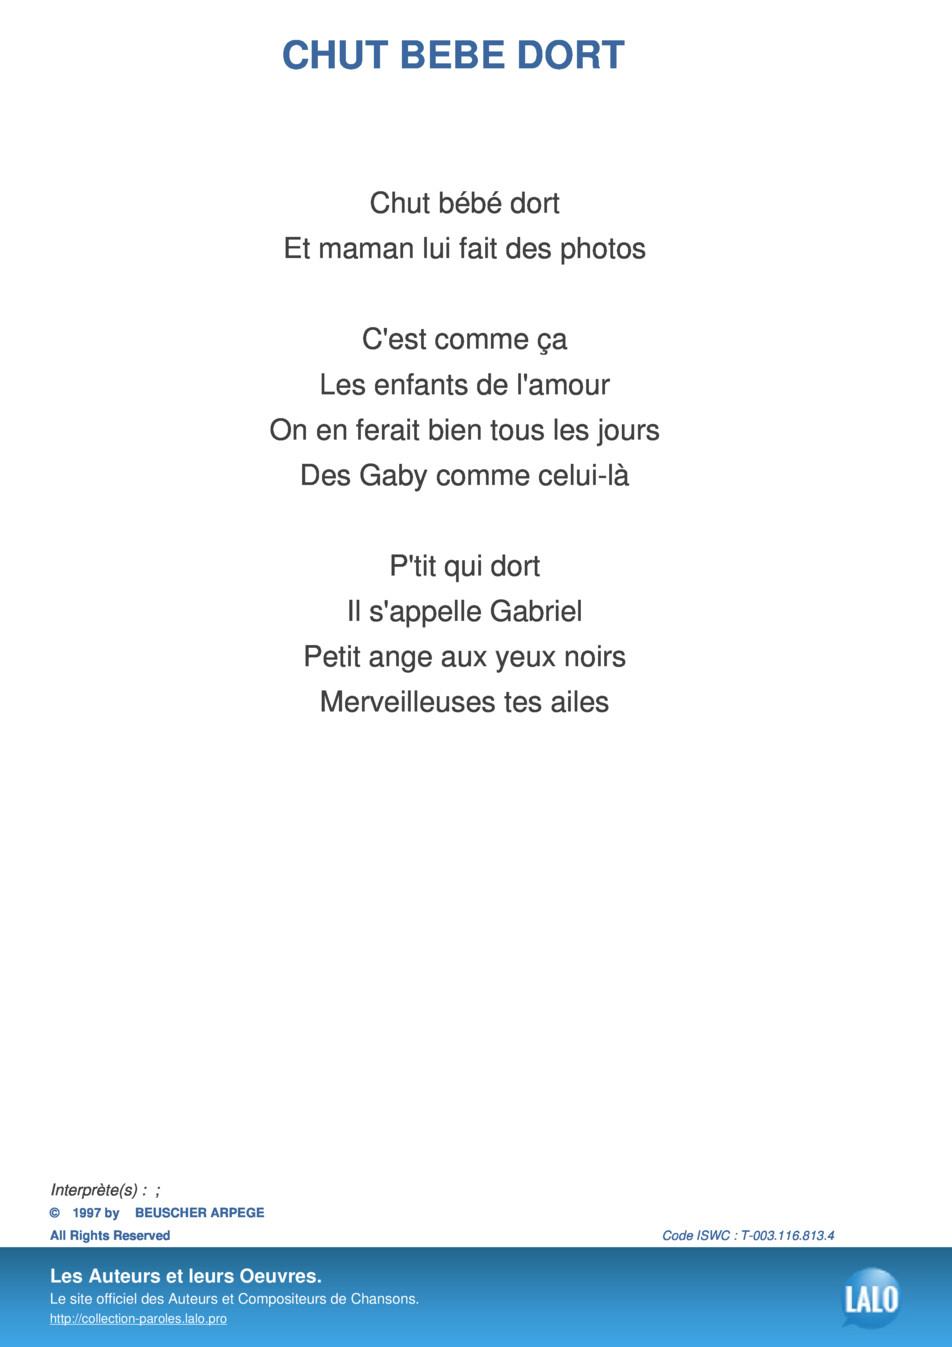 Paroles Et Musique De Chut Bebe Dort - Lalo.pro pour Image Chut Bébé Dort